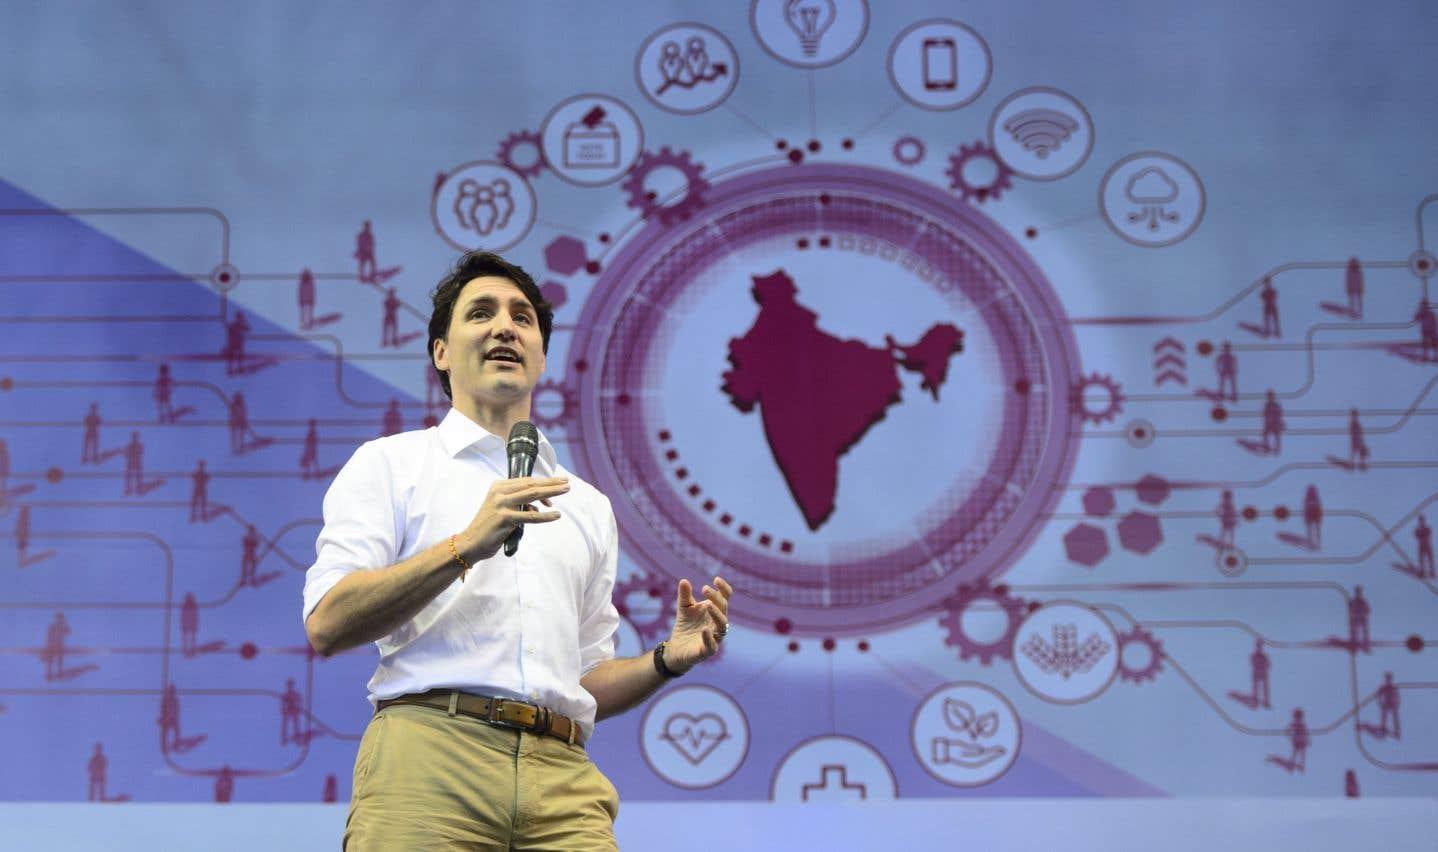 Justin Trudeau s'est adressé samedi à 5000 étudiants indiens réunis dans le stade Indira Gandhi.